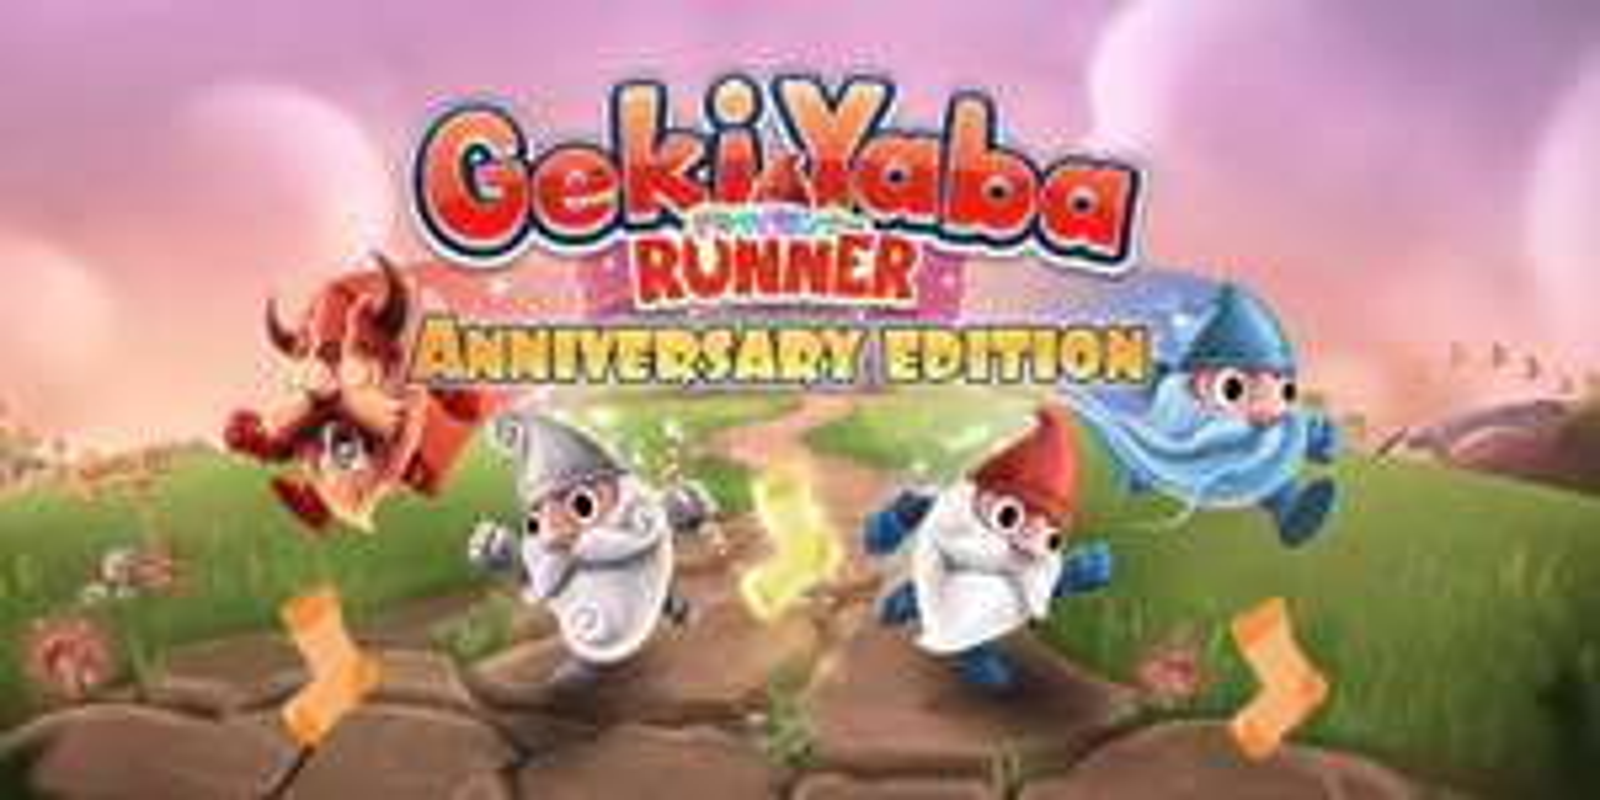 """[Switch eshop] Geki Yaba Runner Anniversary Edition """"gratis"""" für Besitzer eines der 21 ausgewählten Games"""